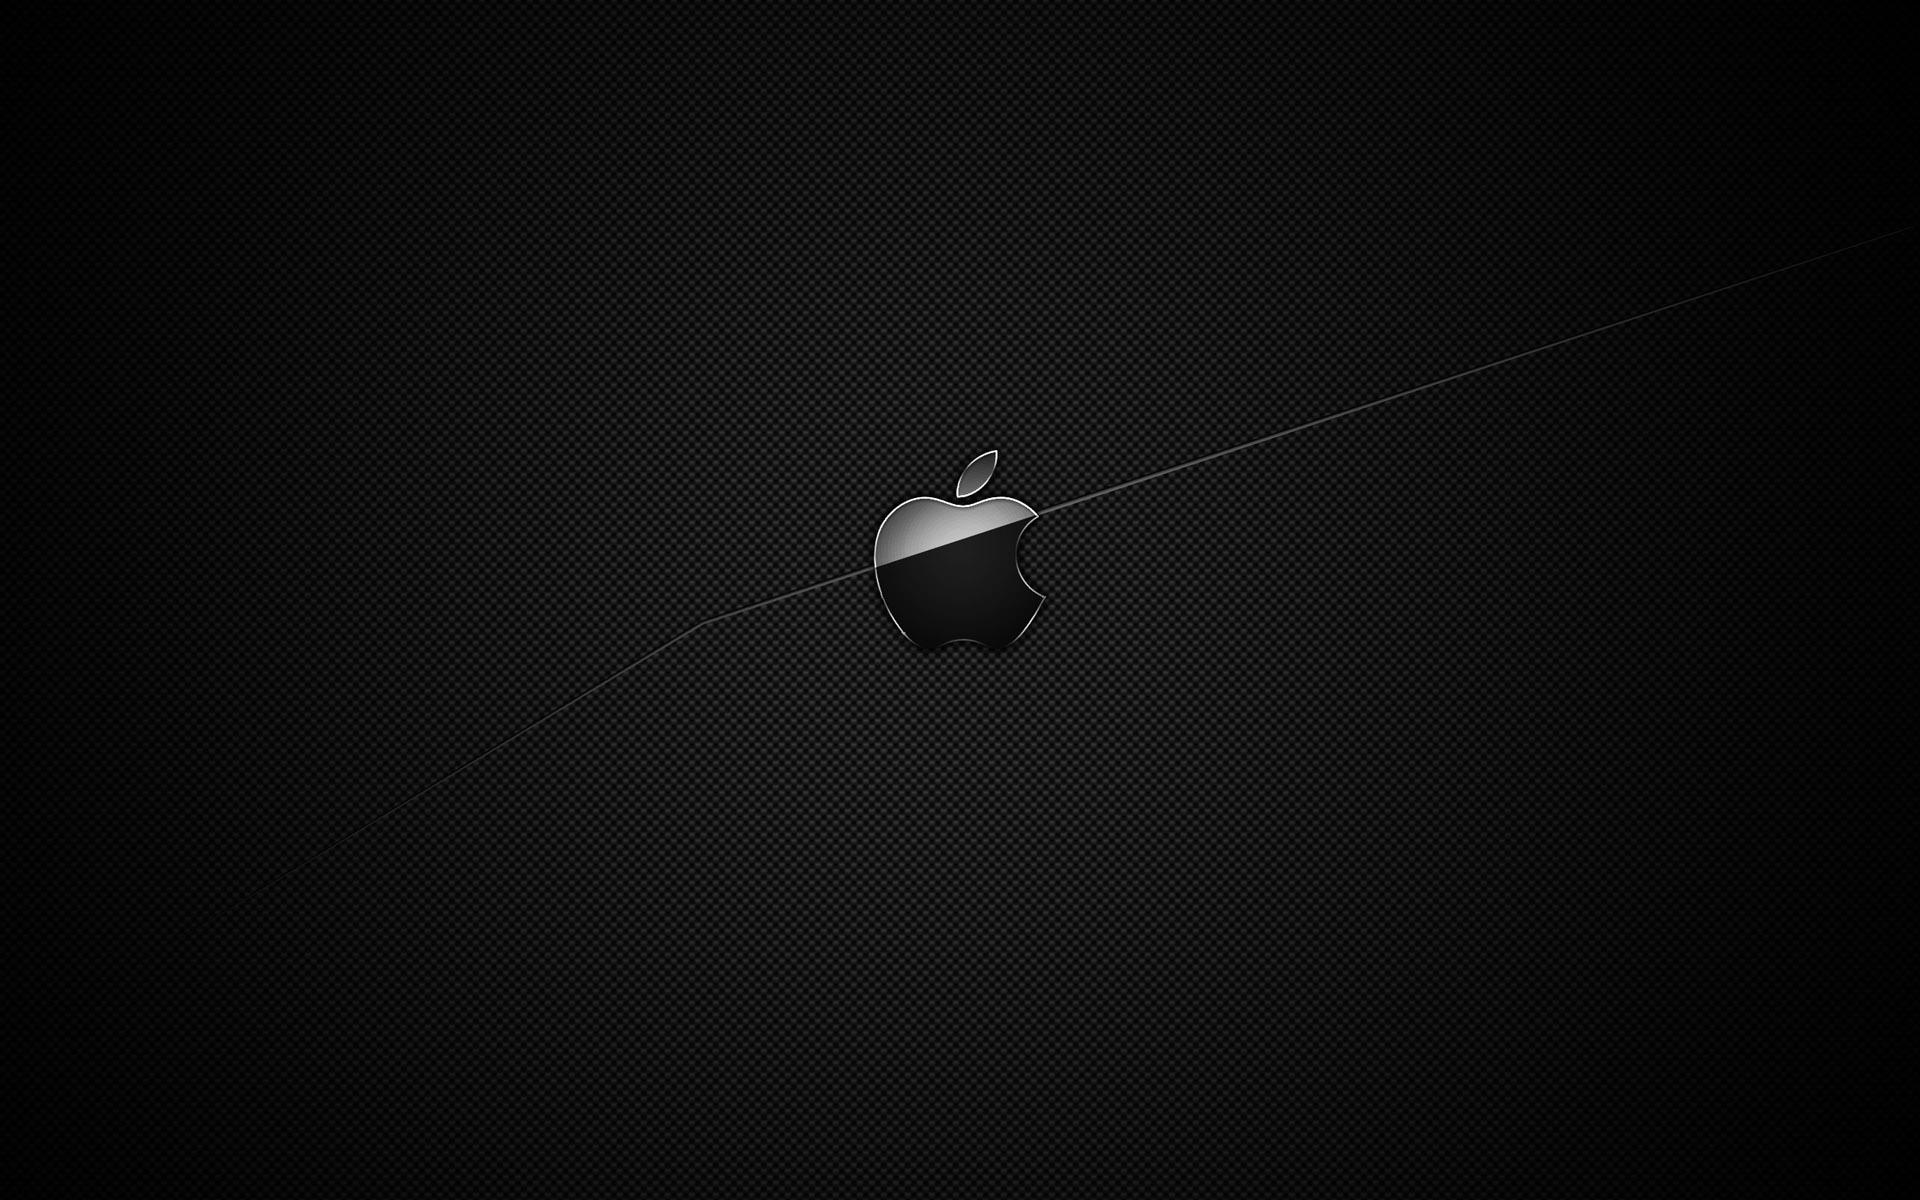 A Black Apple Symbol On Dark Black Background Half Part Lighted Up